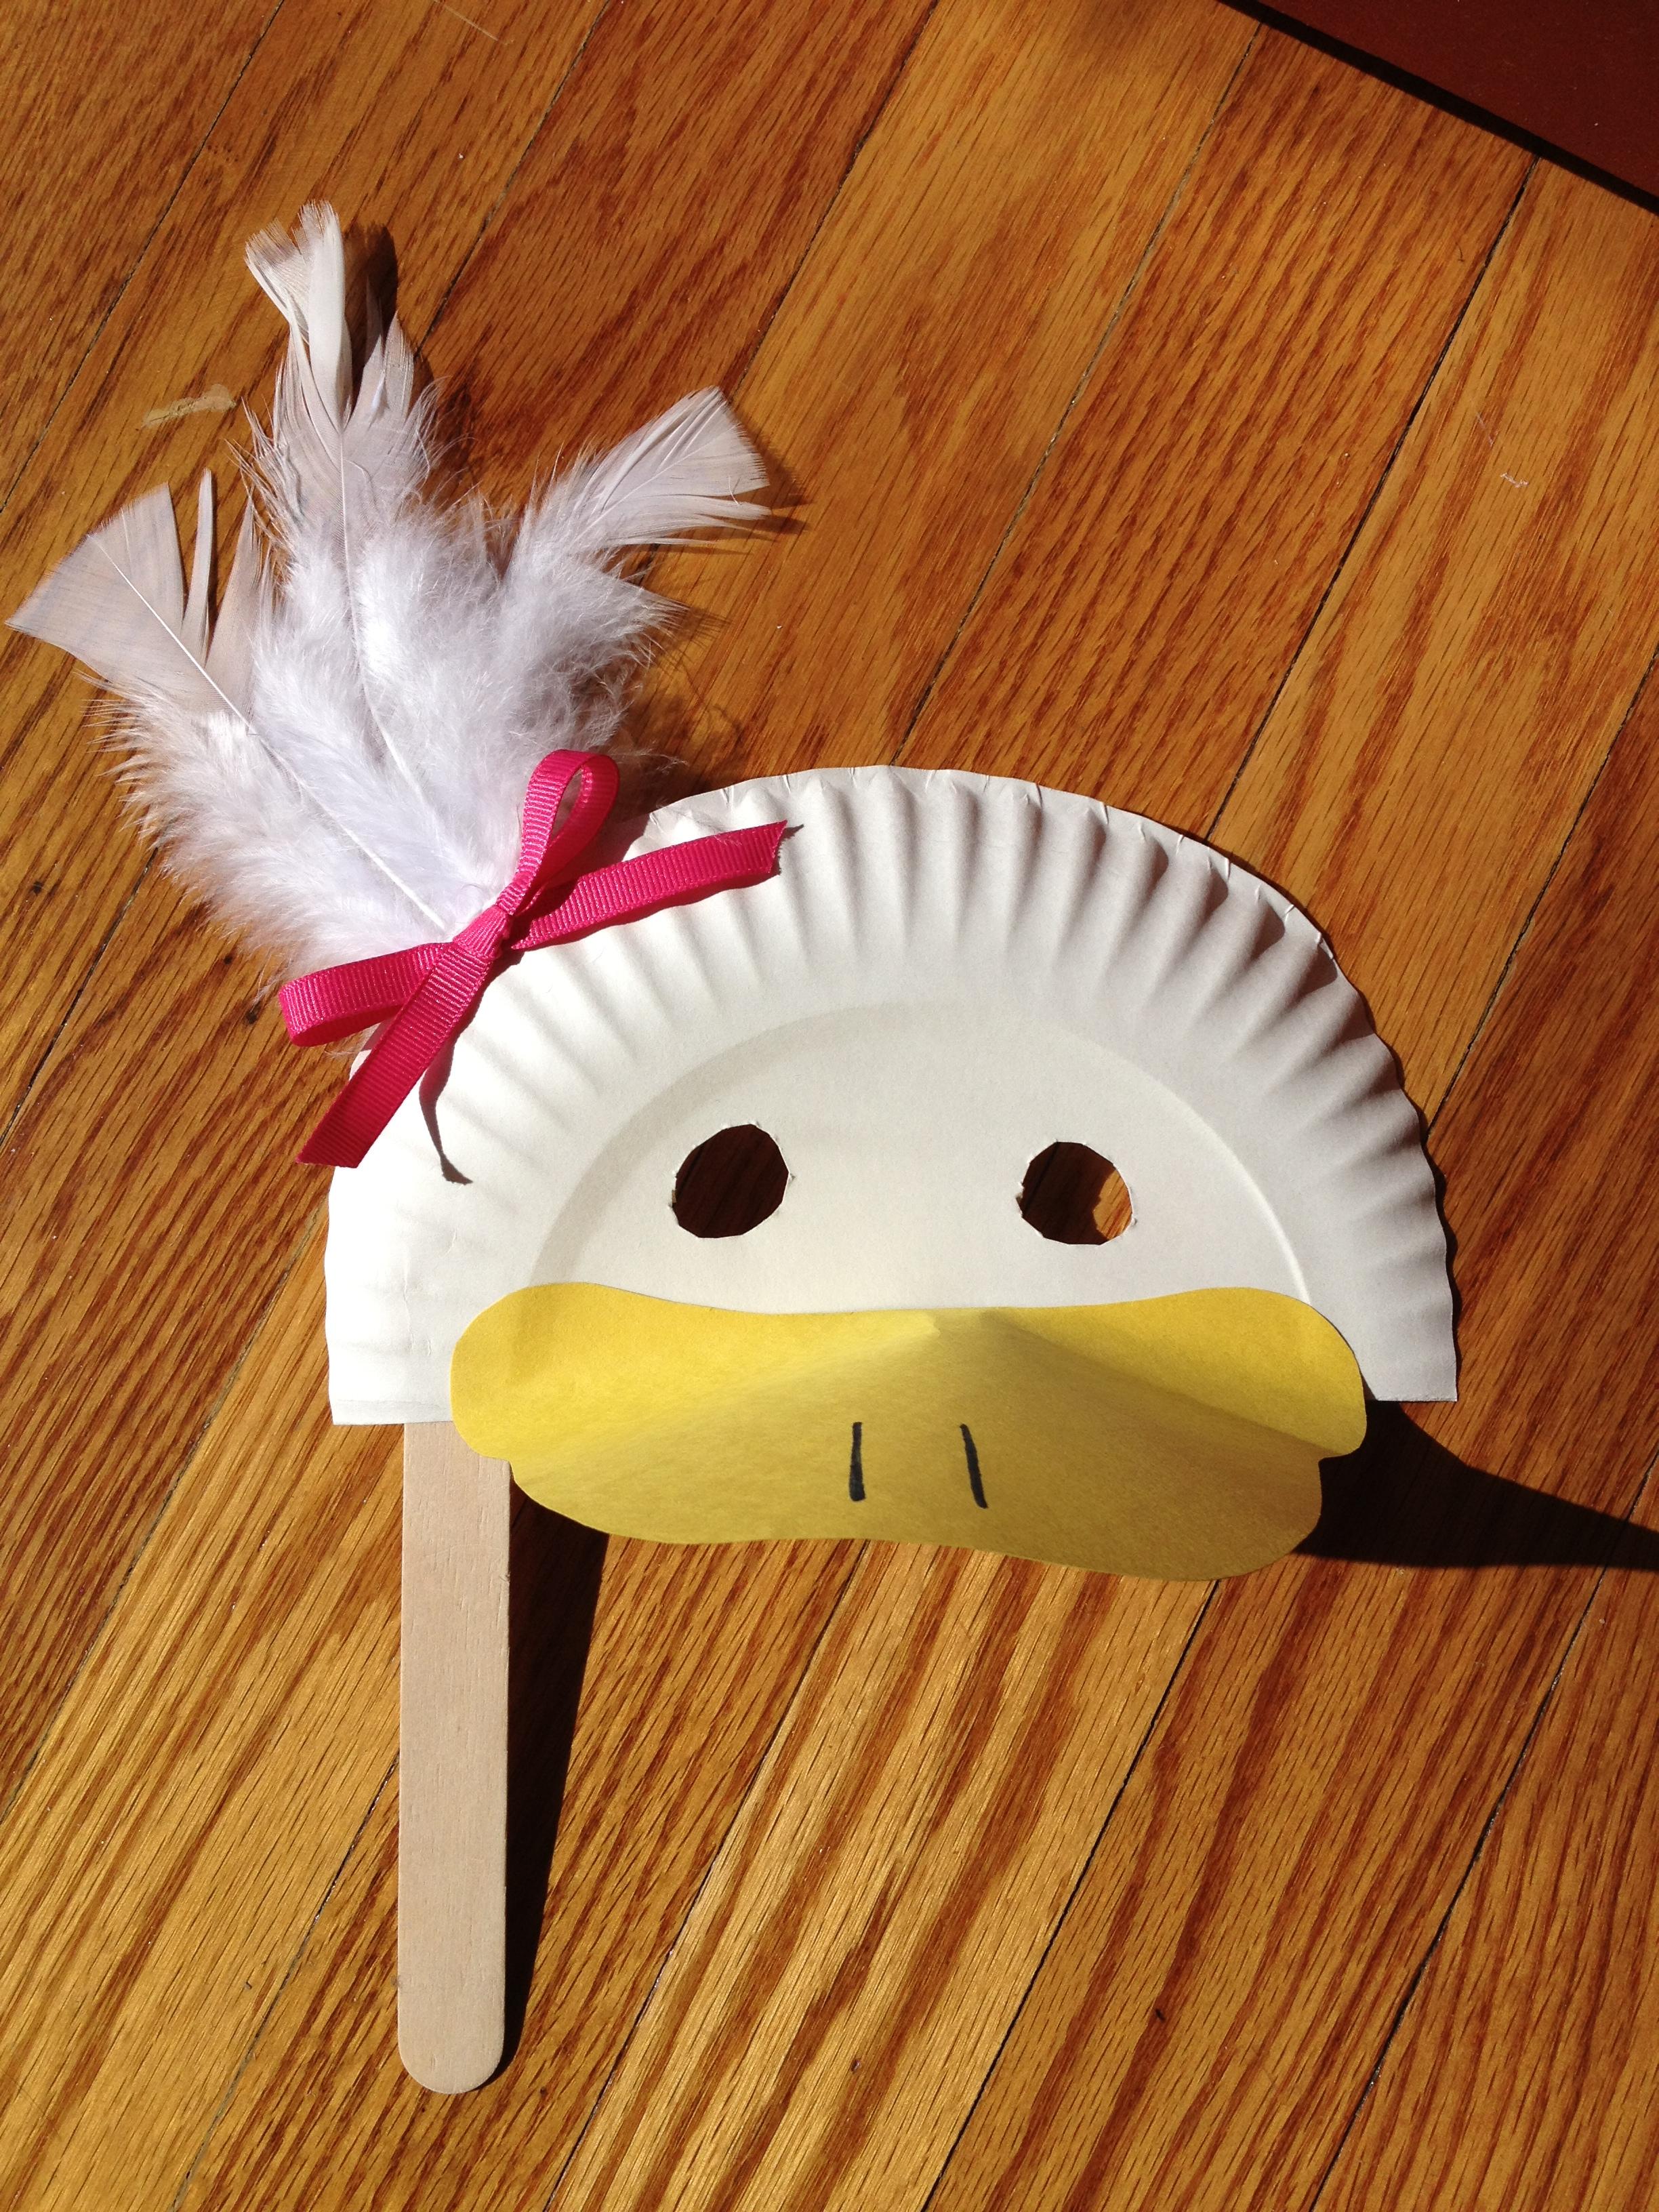 Duck Mask Craft | Becca Beck